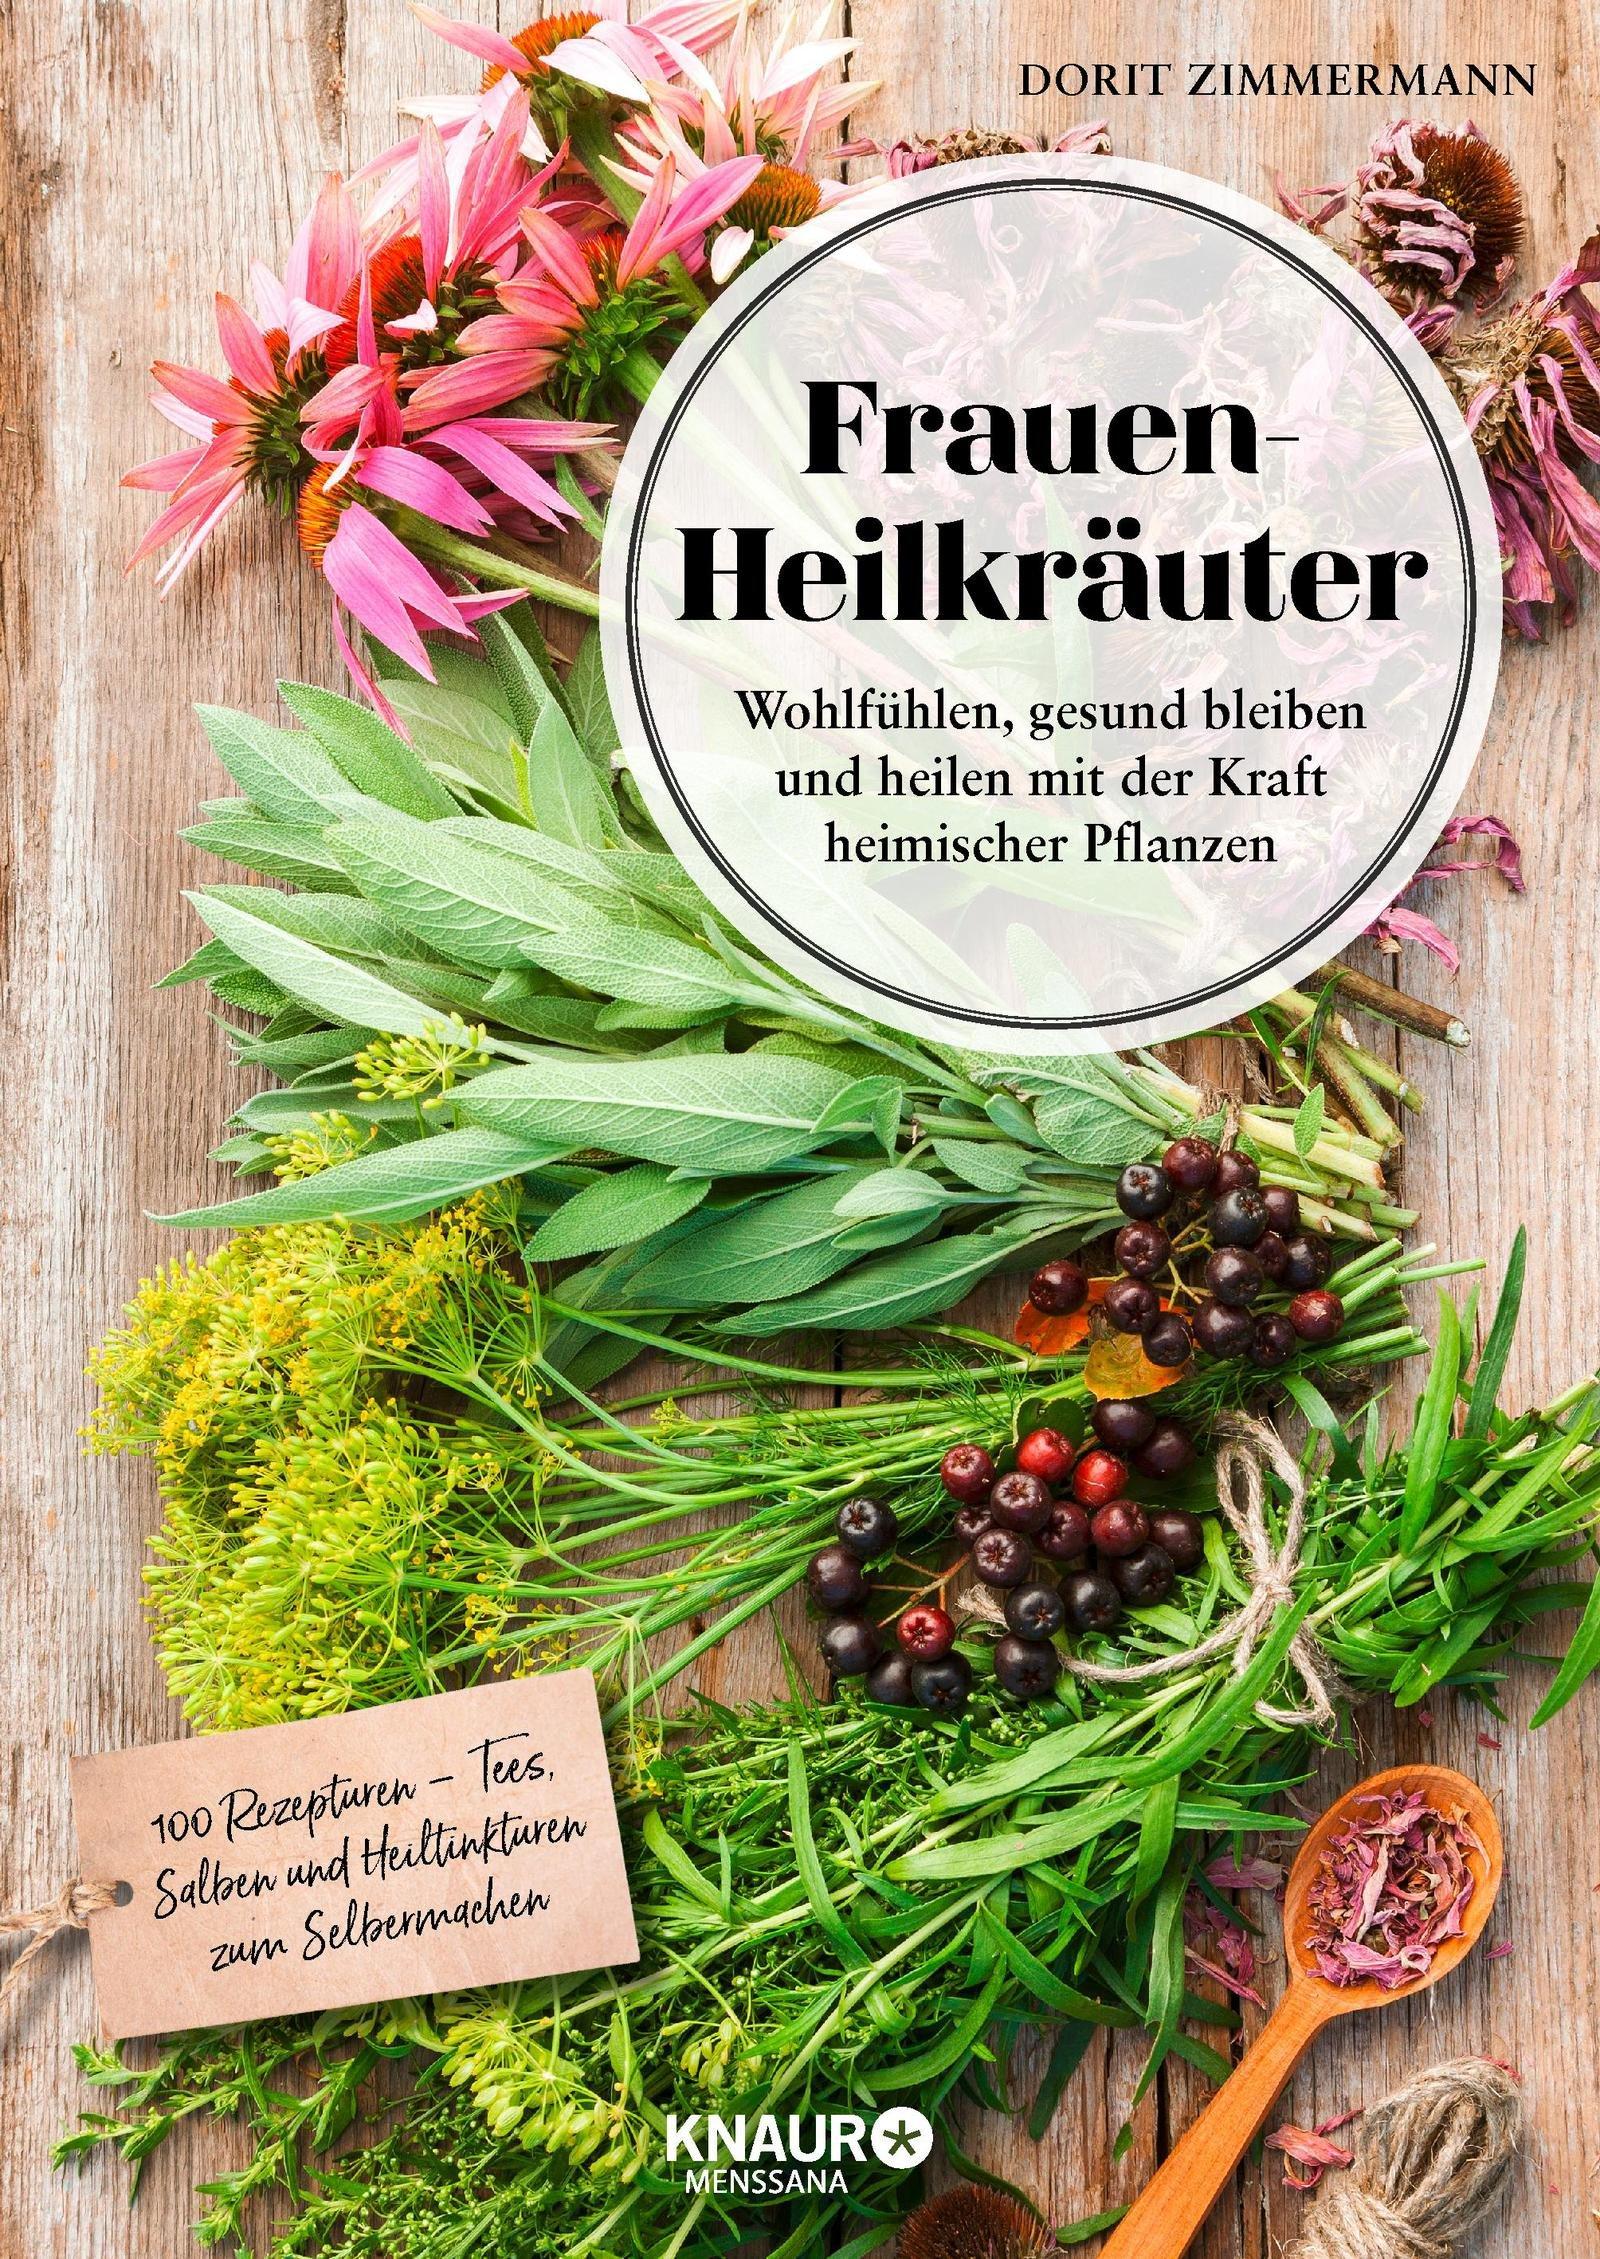 Frauen-Heilkräuter: Wohlfühlen, gesund bleiben und heilen mit der Kraft heimischer Pflanzen